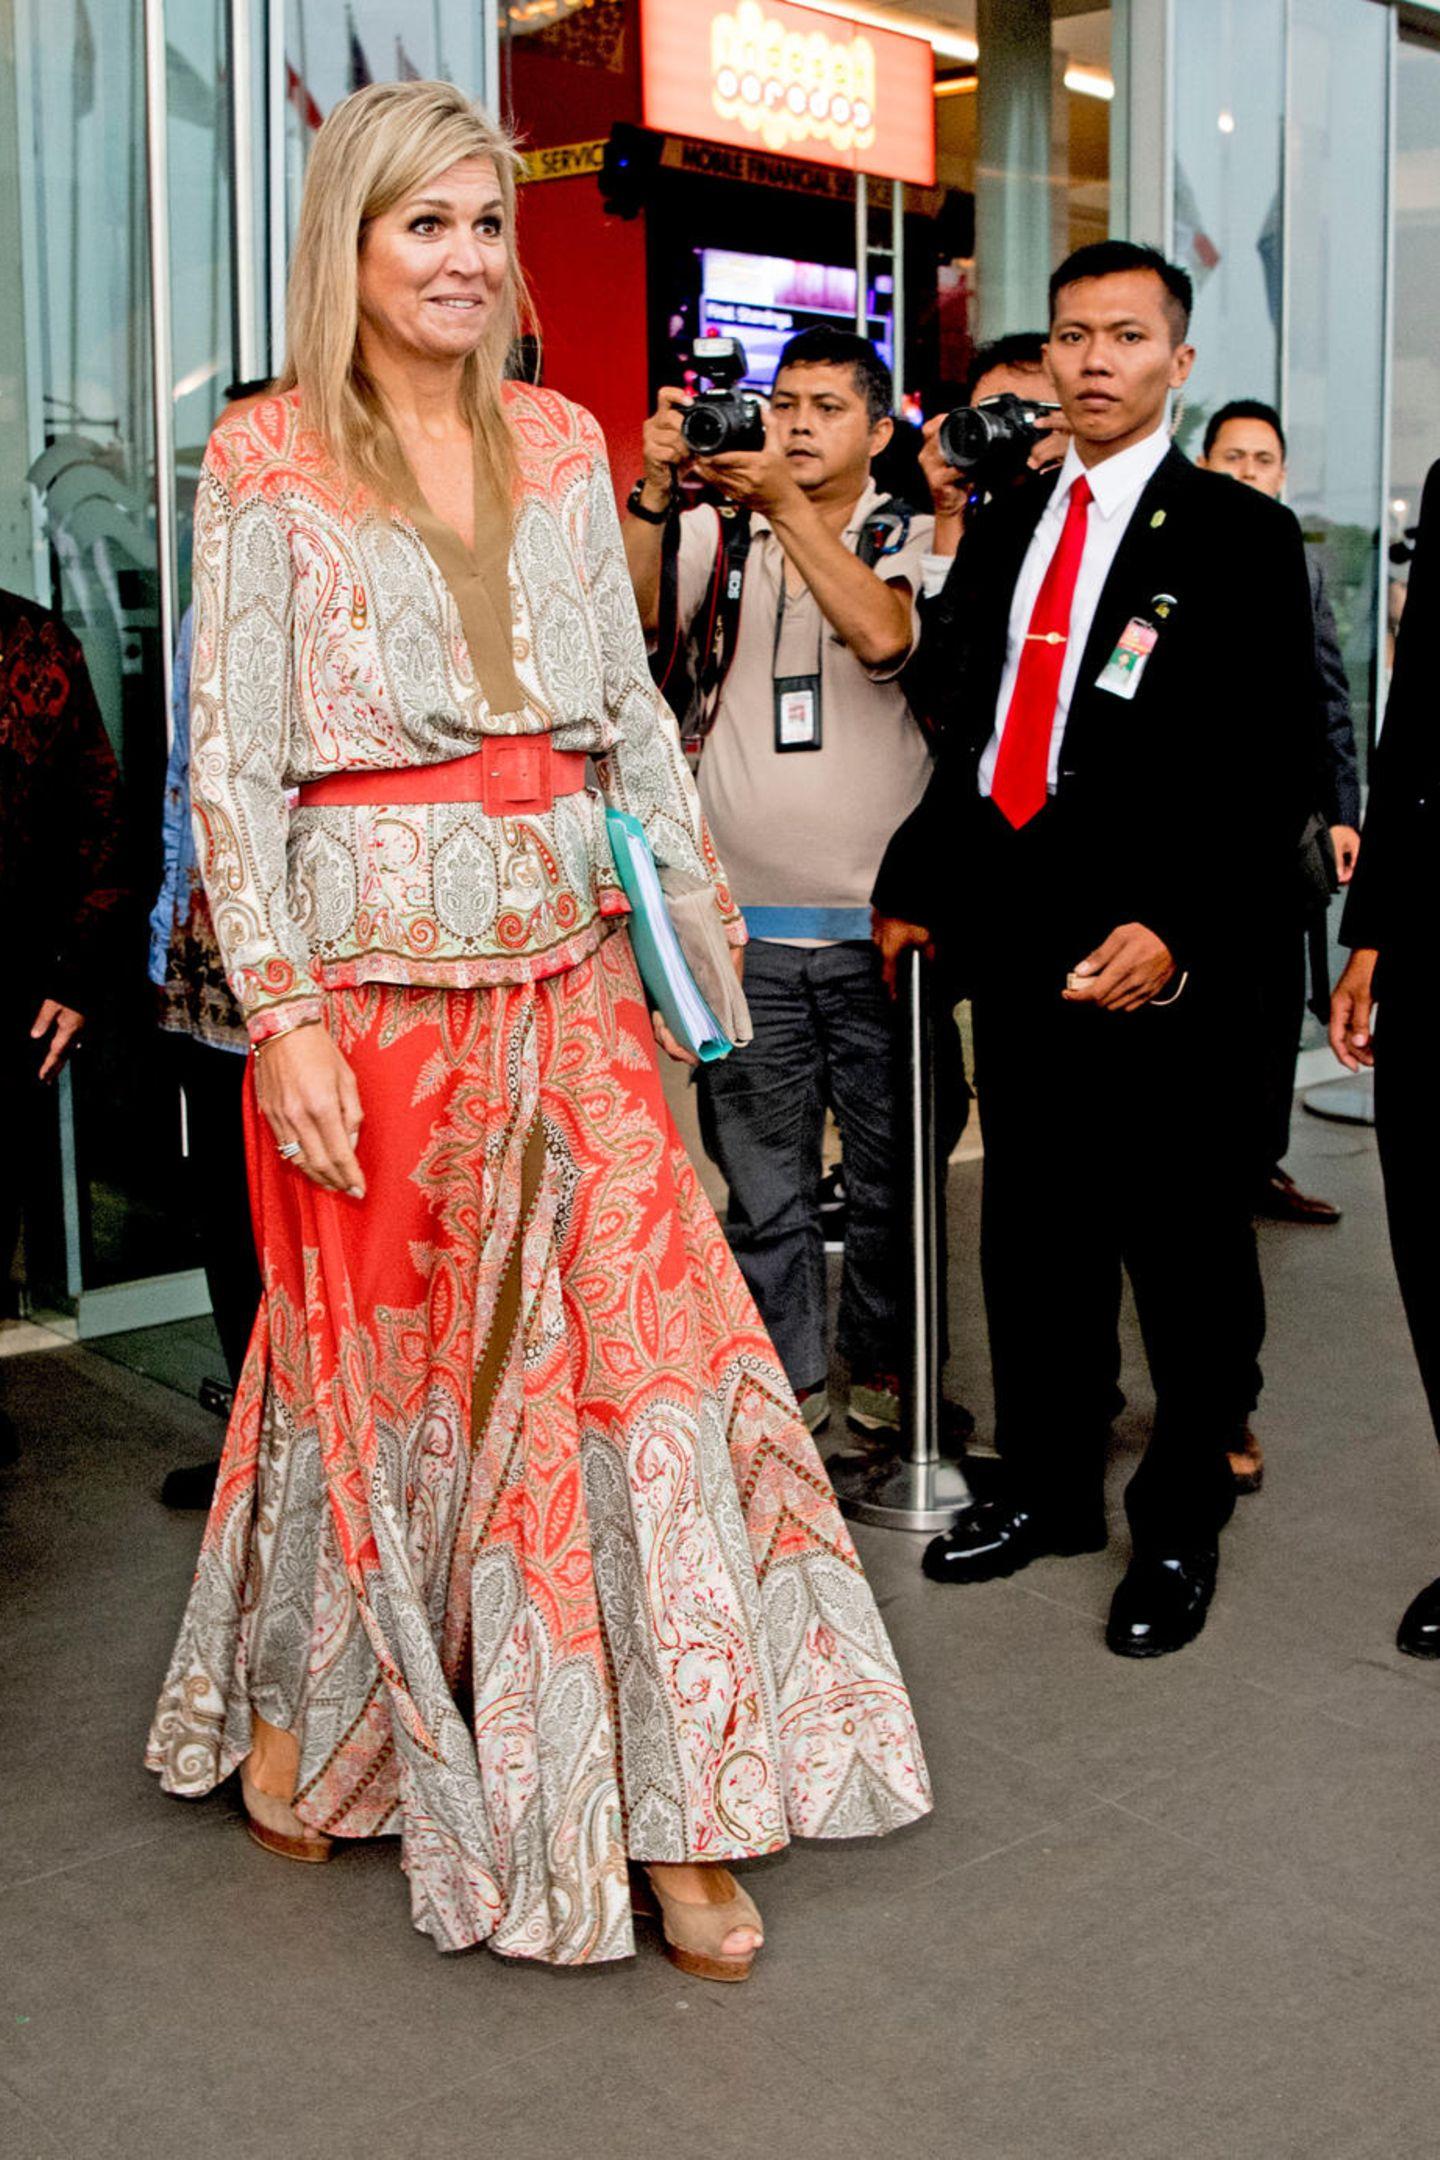 Während ihres Besuchs in Indonesien im Juni 2017 begeistert Königin Máxima wie immer auch modisch. In einem bunten Ensemble mit Paisley-Muster von Etro macht sie eine tolle Figur, die sie zusätzlich mit einem orange-farbenen Gürtel betont.